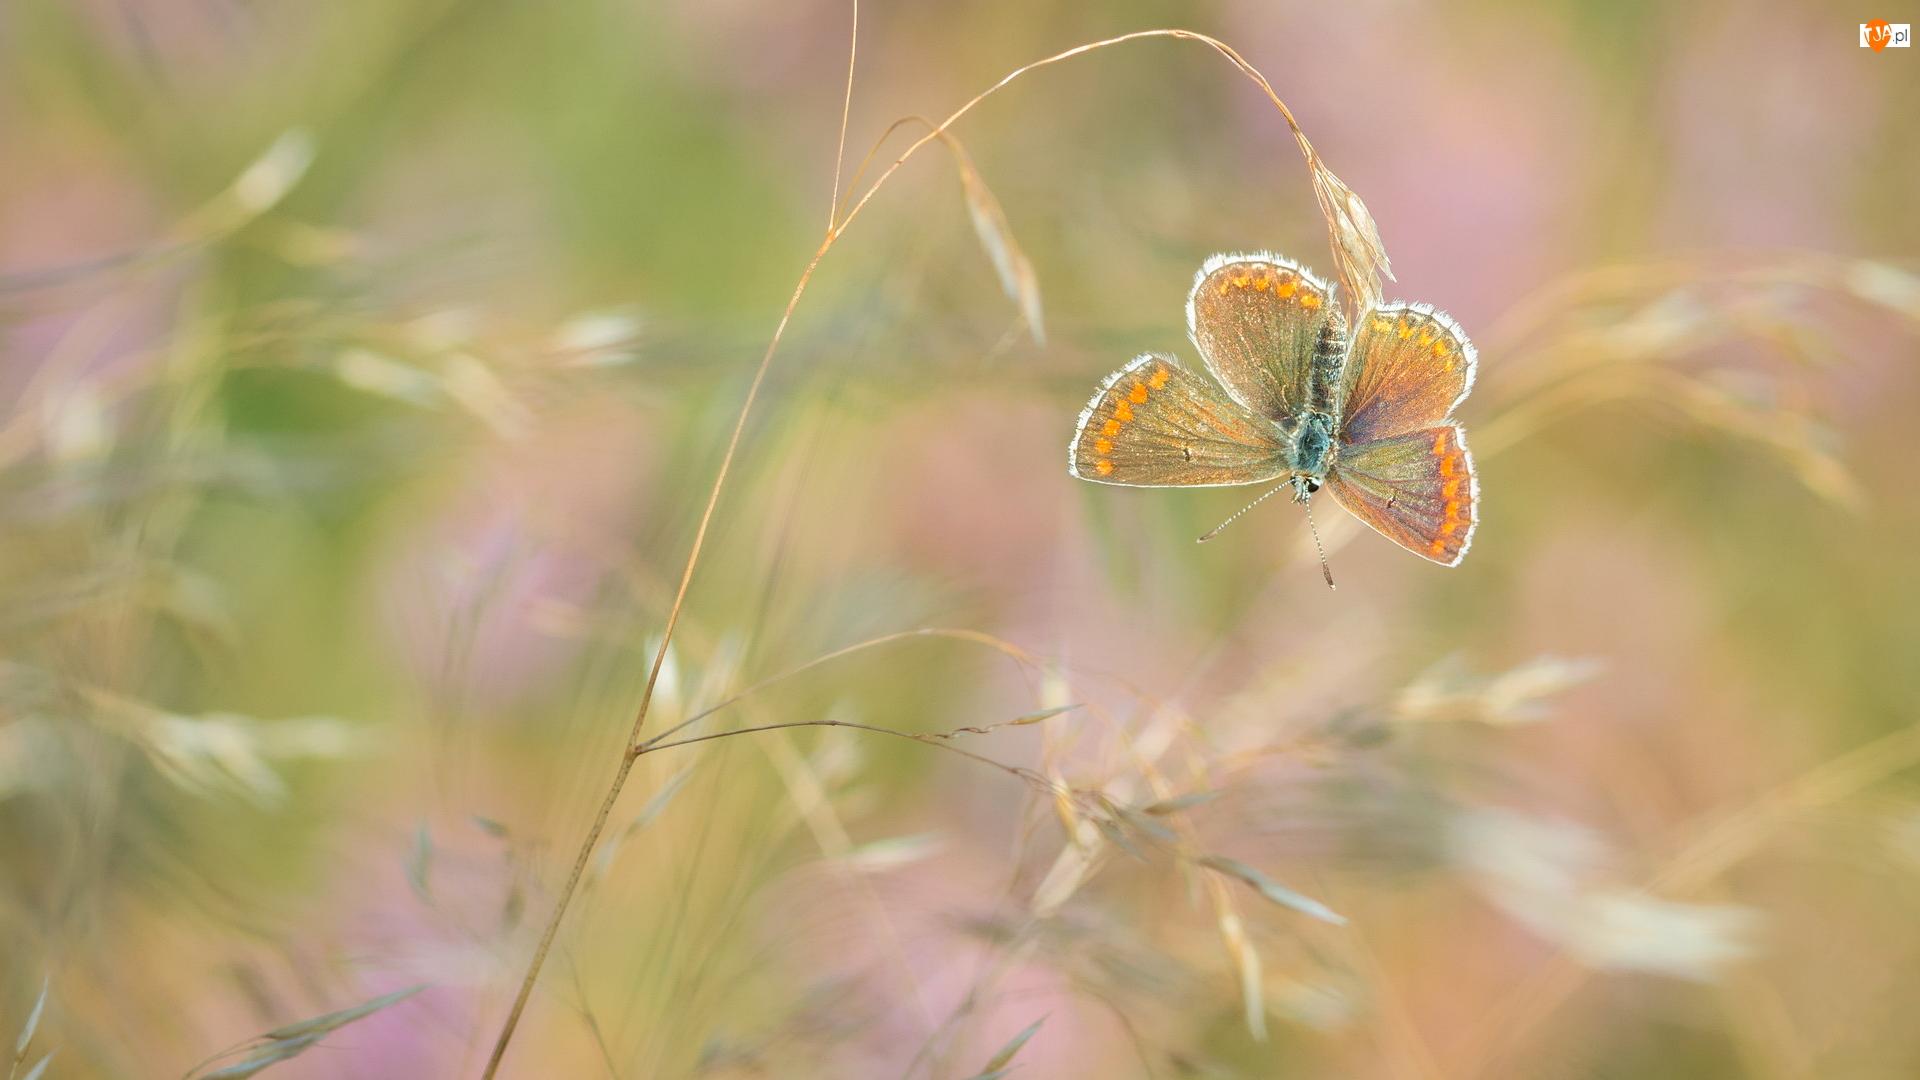 Modraszek agestis, Roślina, Motyl